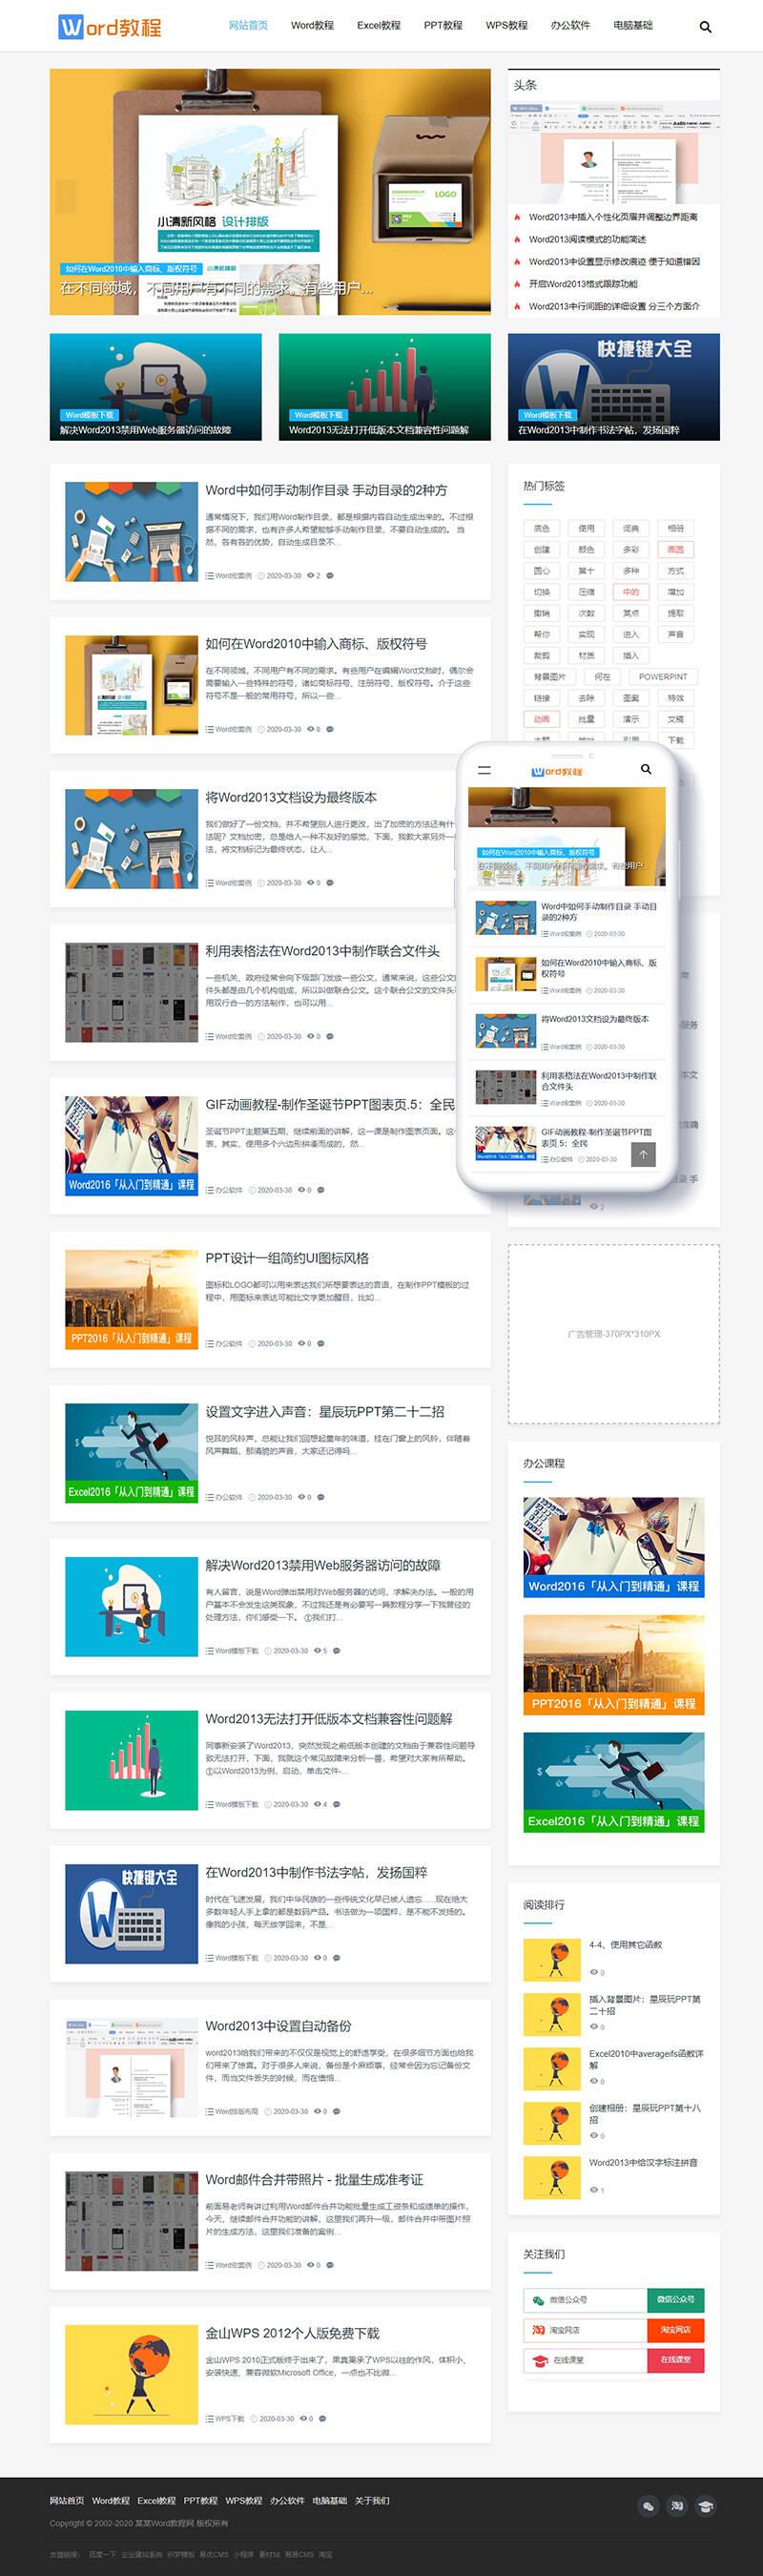 [织梦模板]响应式WORD教程资讯类网站模板(自适应手机端)